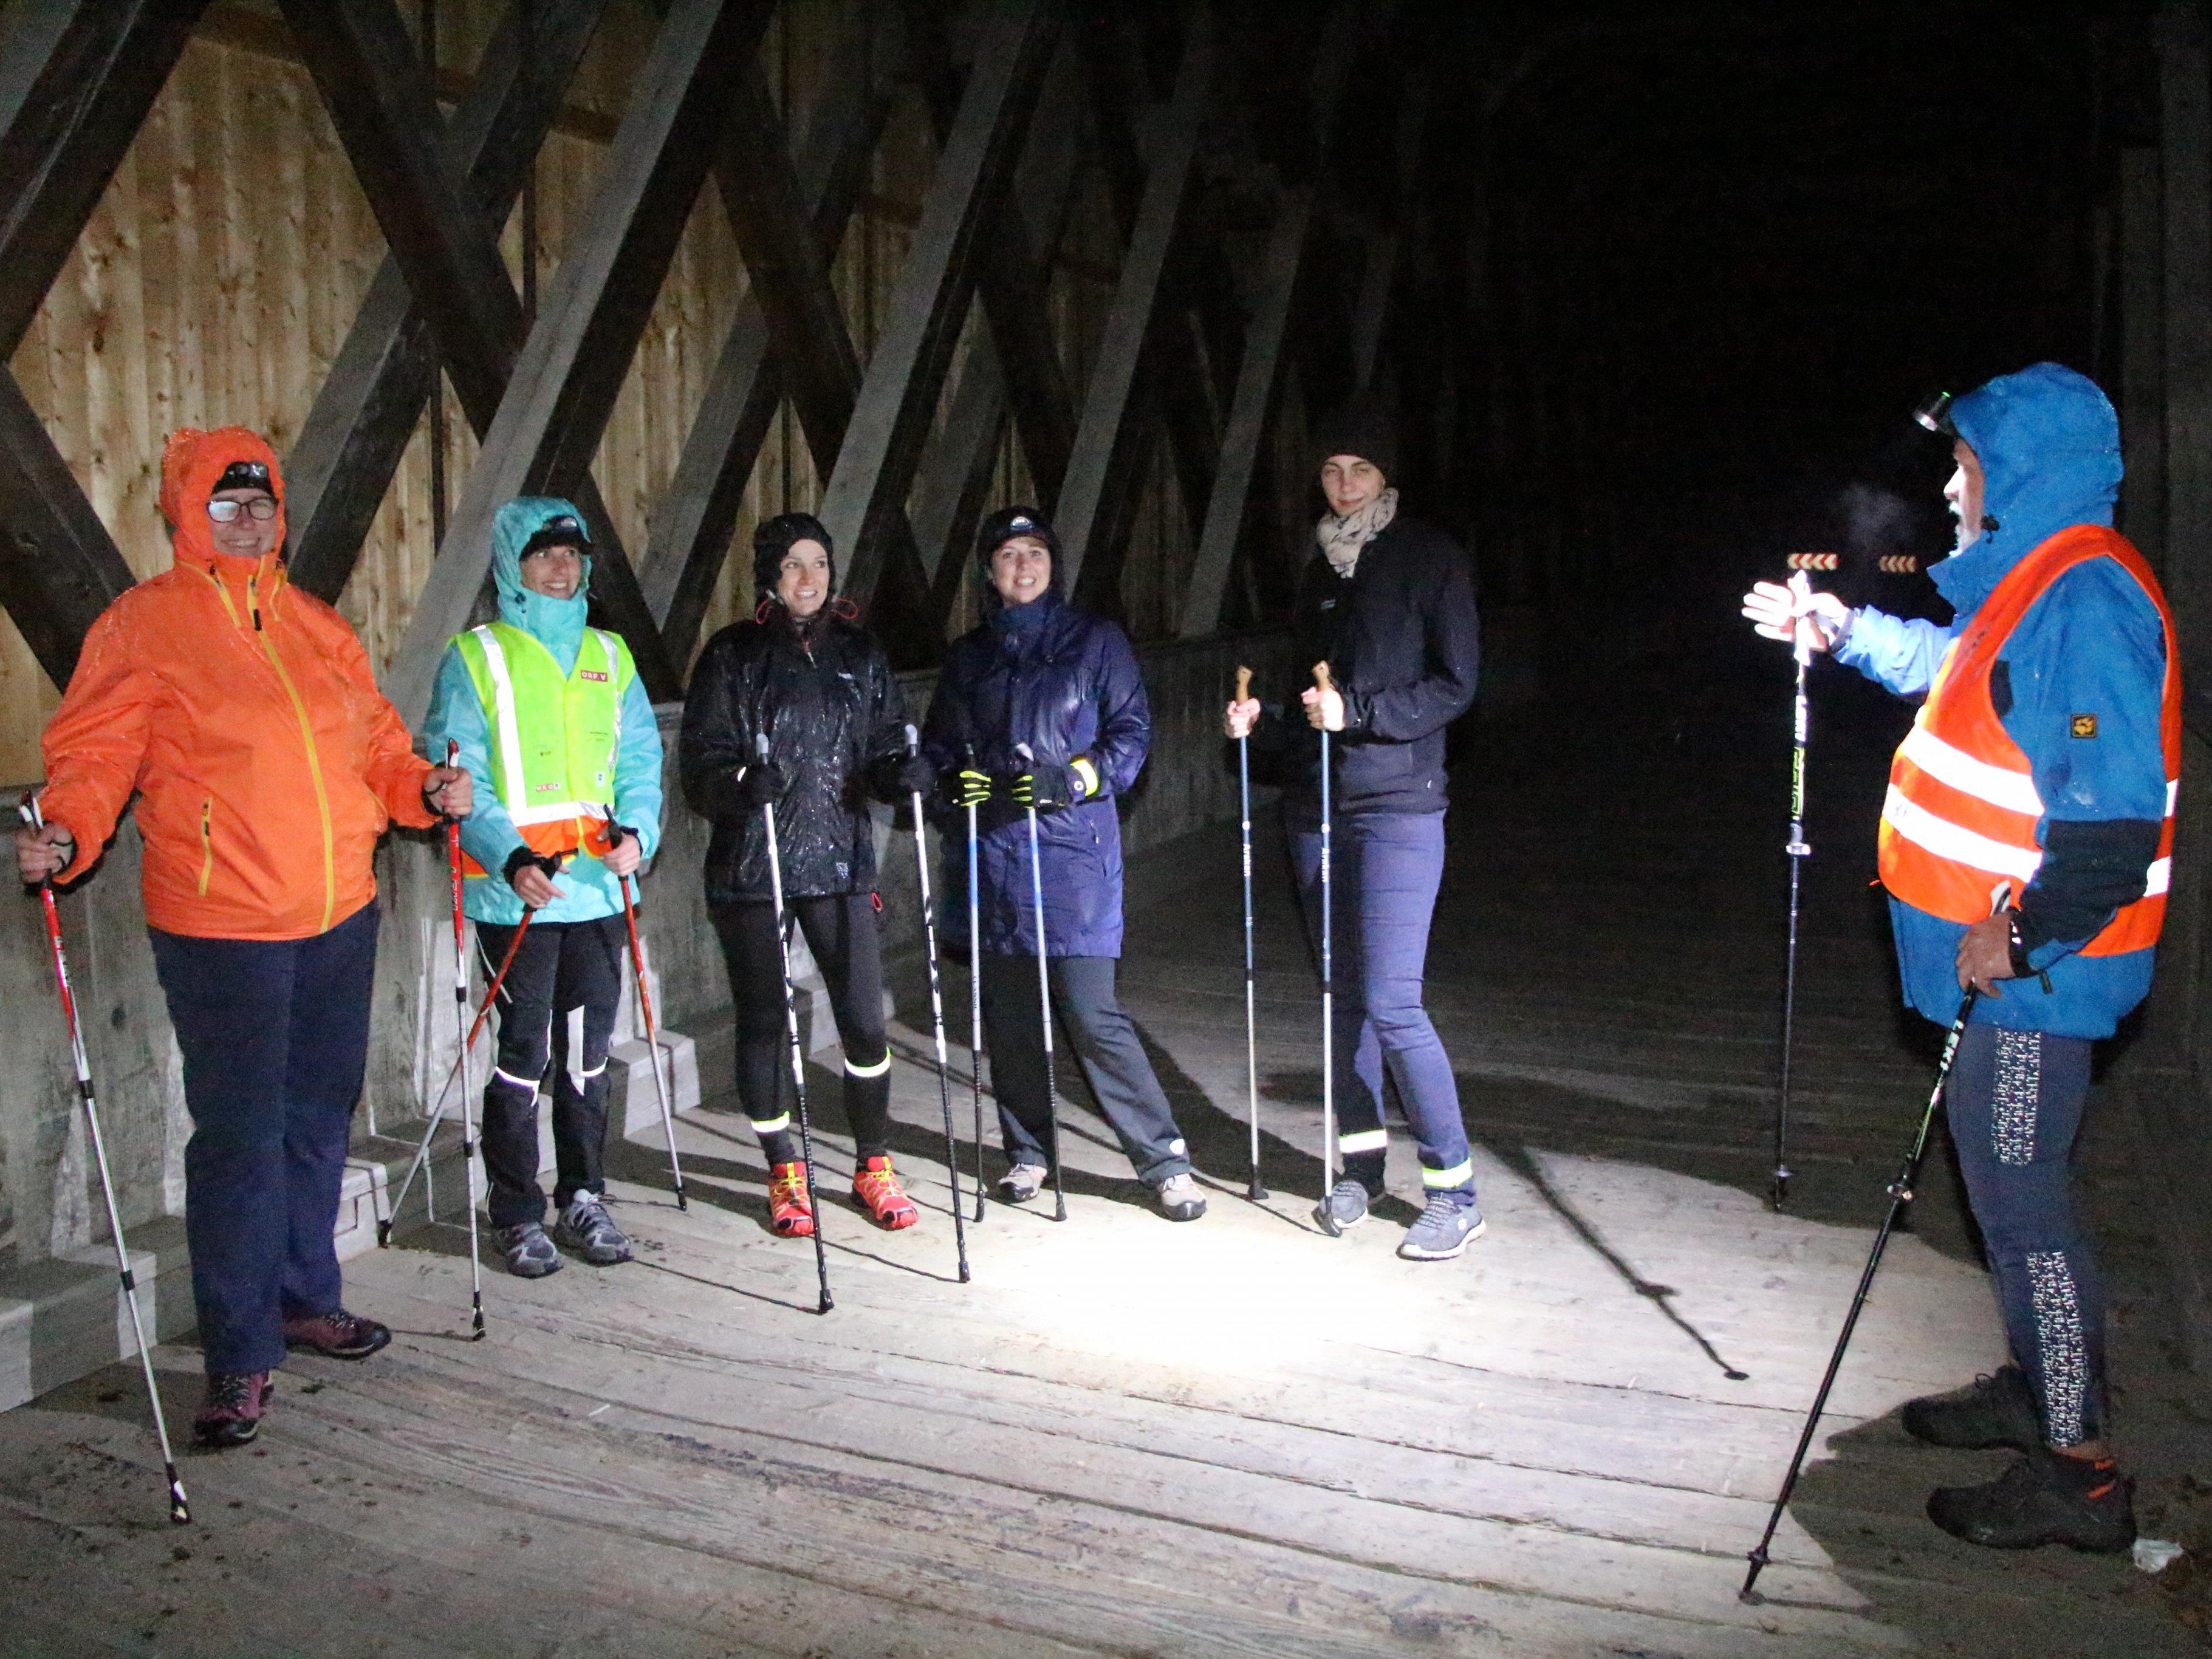 Nordic Walking Gruppe an der Holzbrücke über die Ill